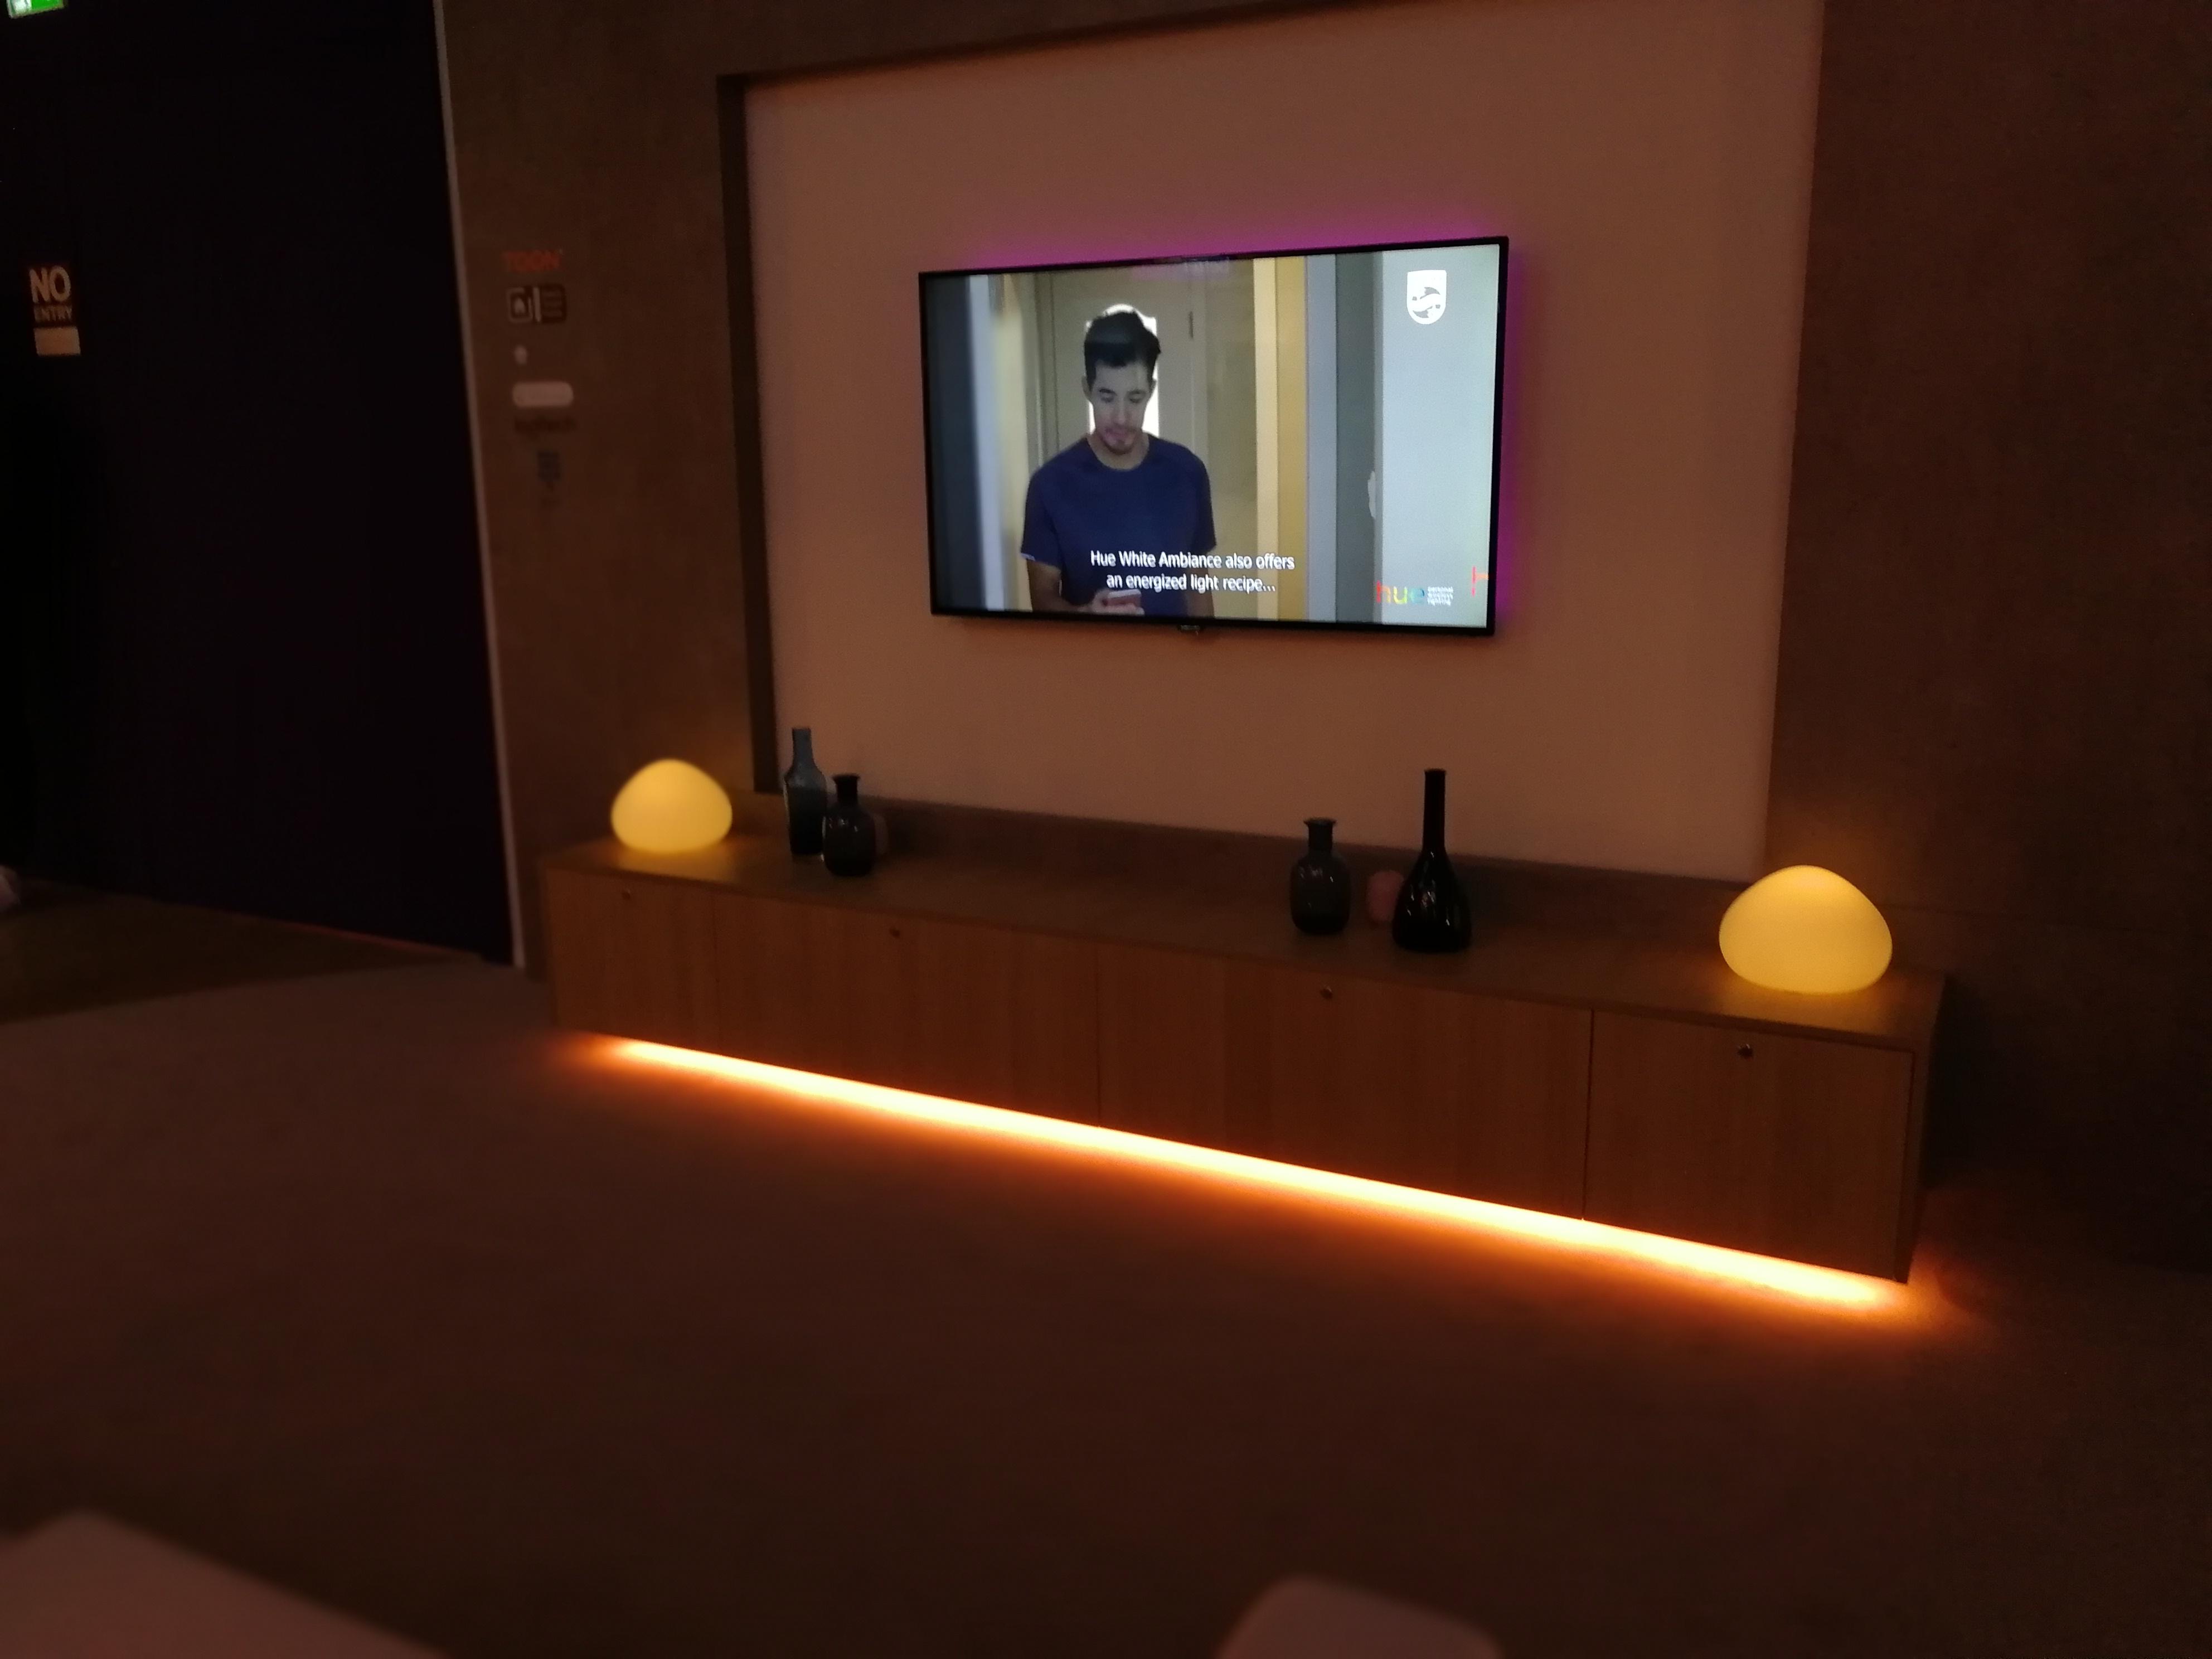 Hue Les Ampoules Connectees De Philips Evoluent Ifa 2017 Frandroid